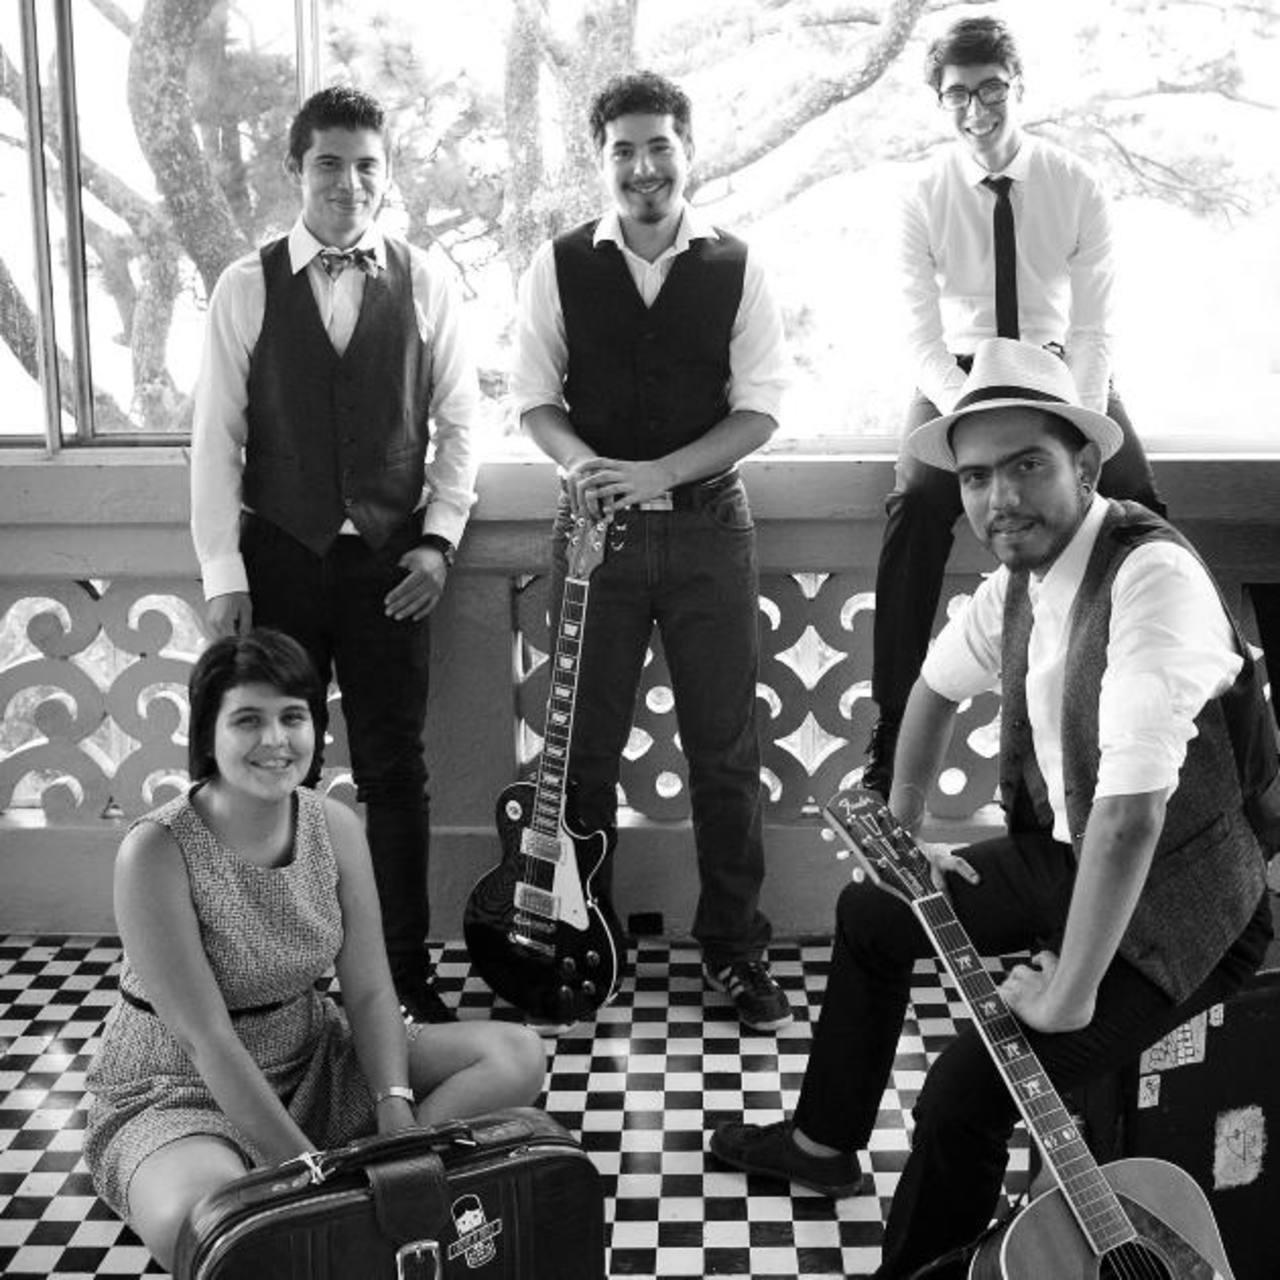 La banda trabaja con el sello Bajo Presión Records. foto EDH/Cortesía